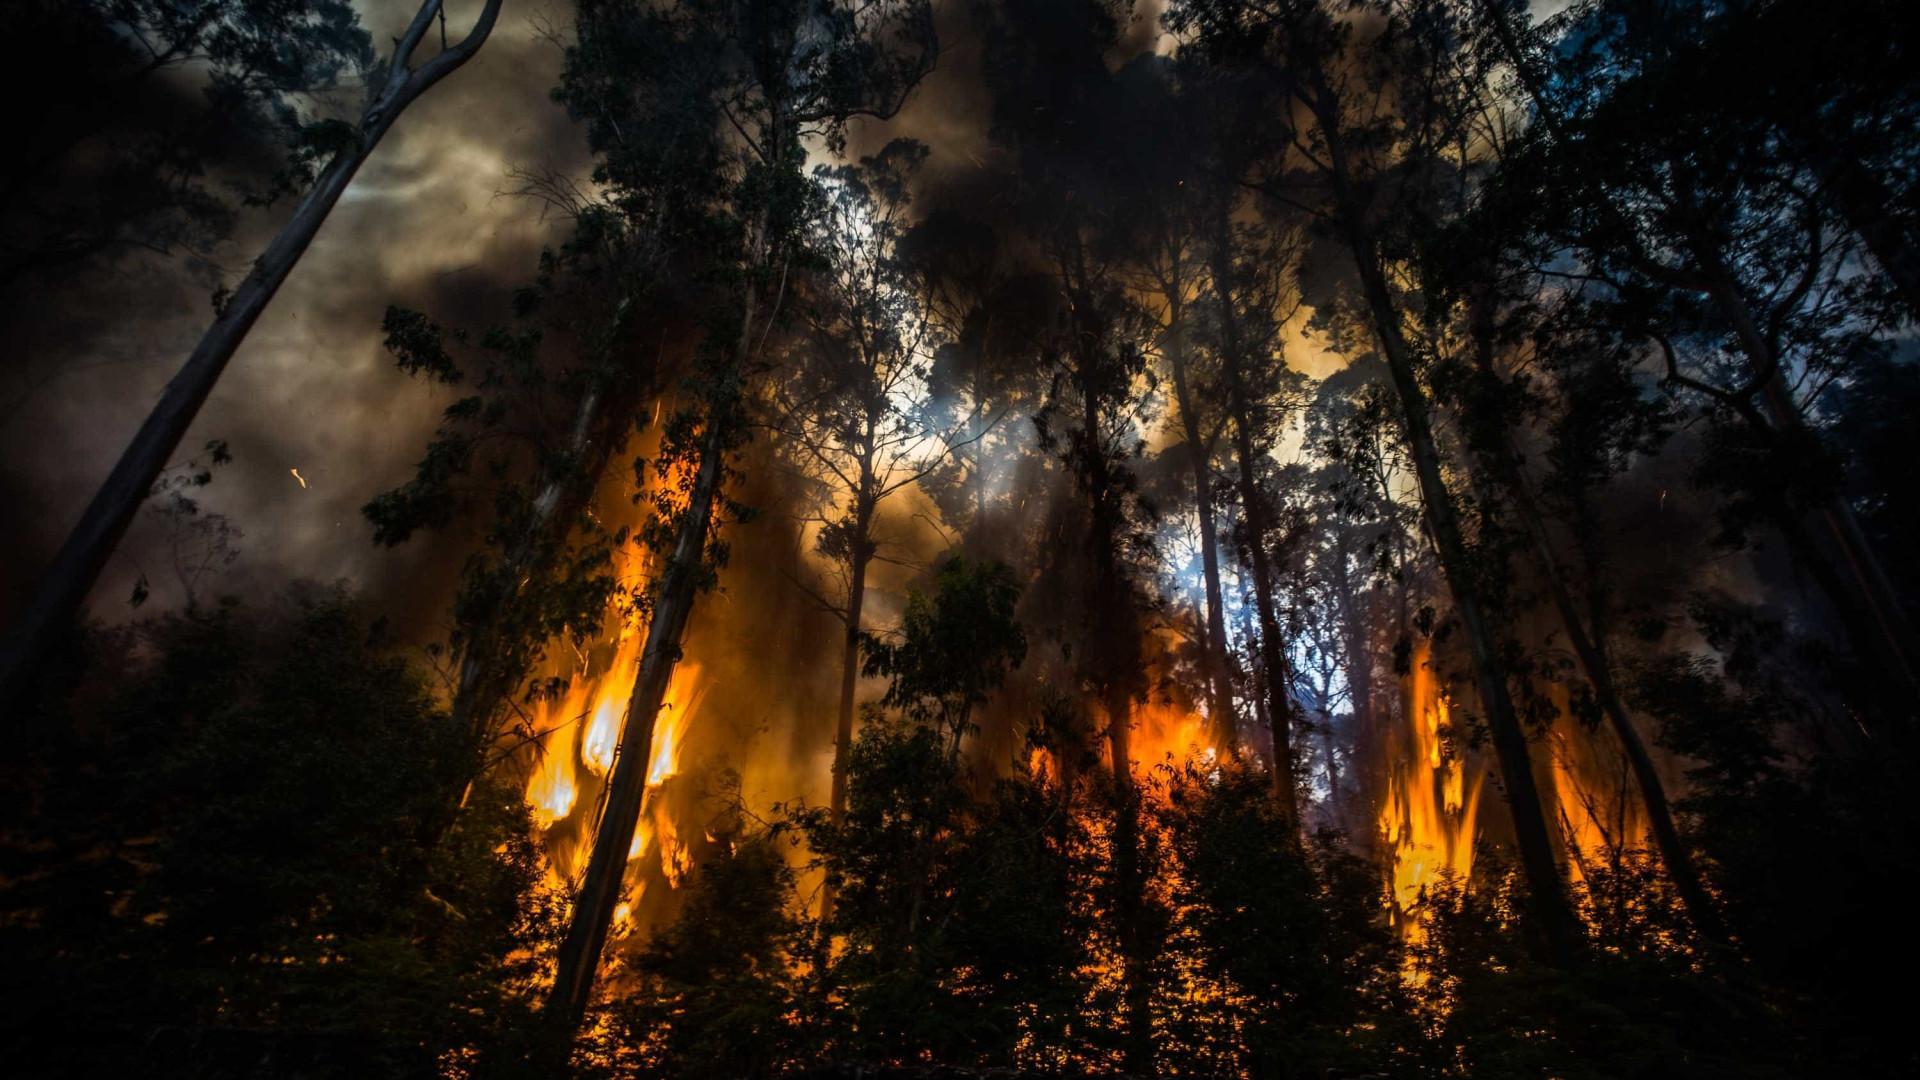 Fogos causaram prejuízos de 4,2 milhões de euros em Proença-a-Nova